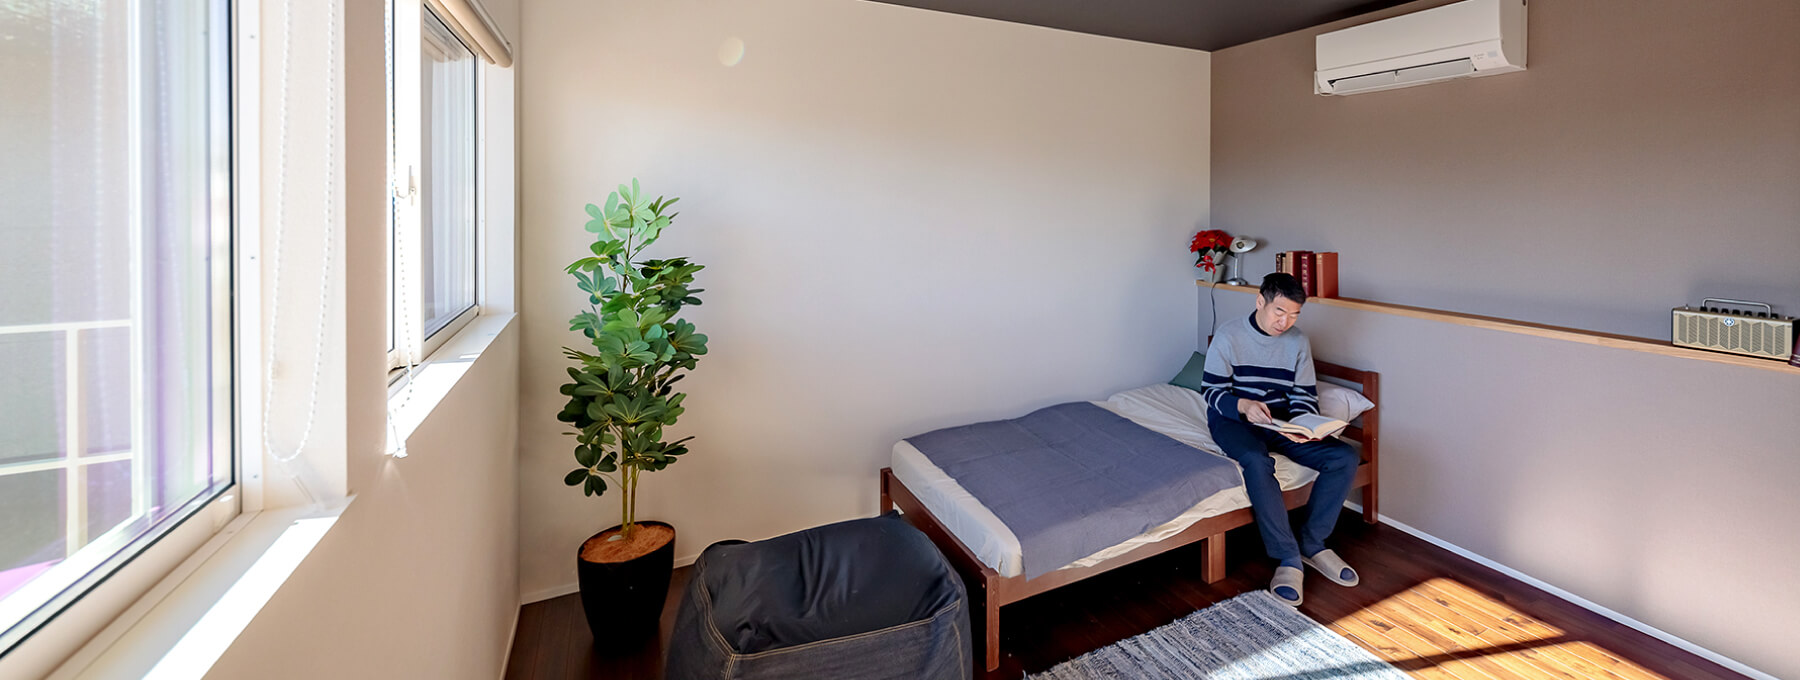 並木の家【完成見学会】|株式会社Kibaco